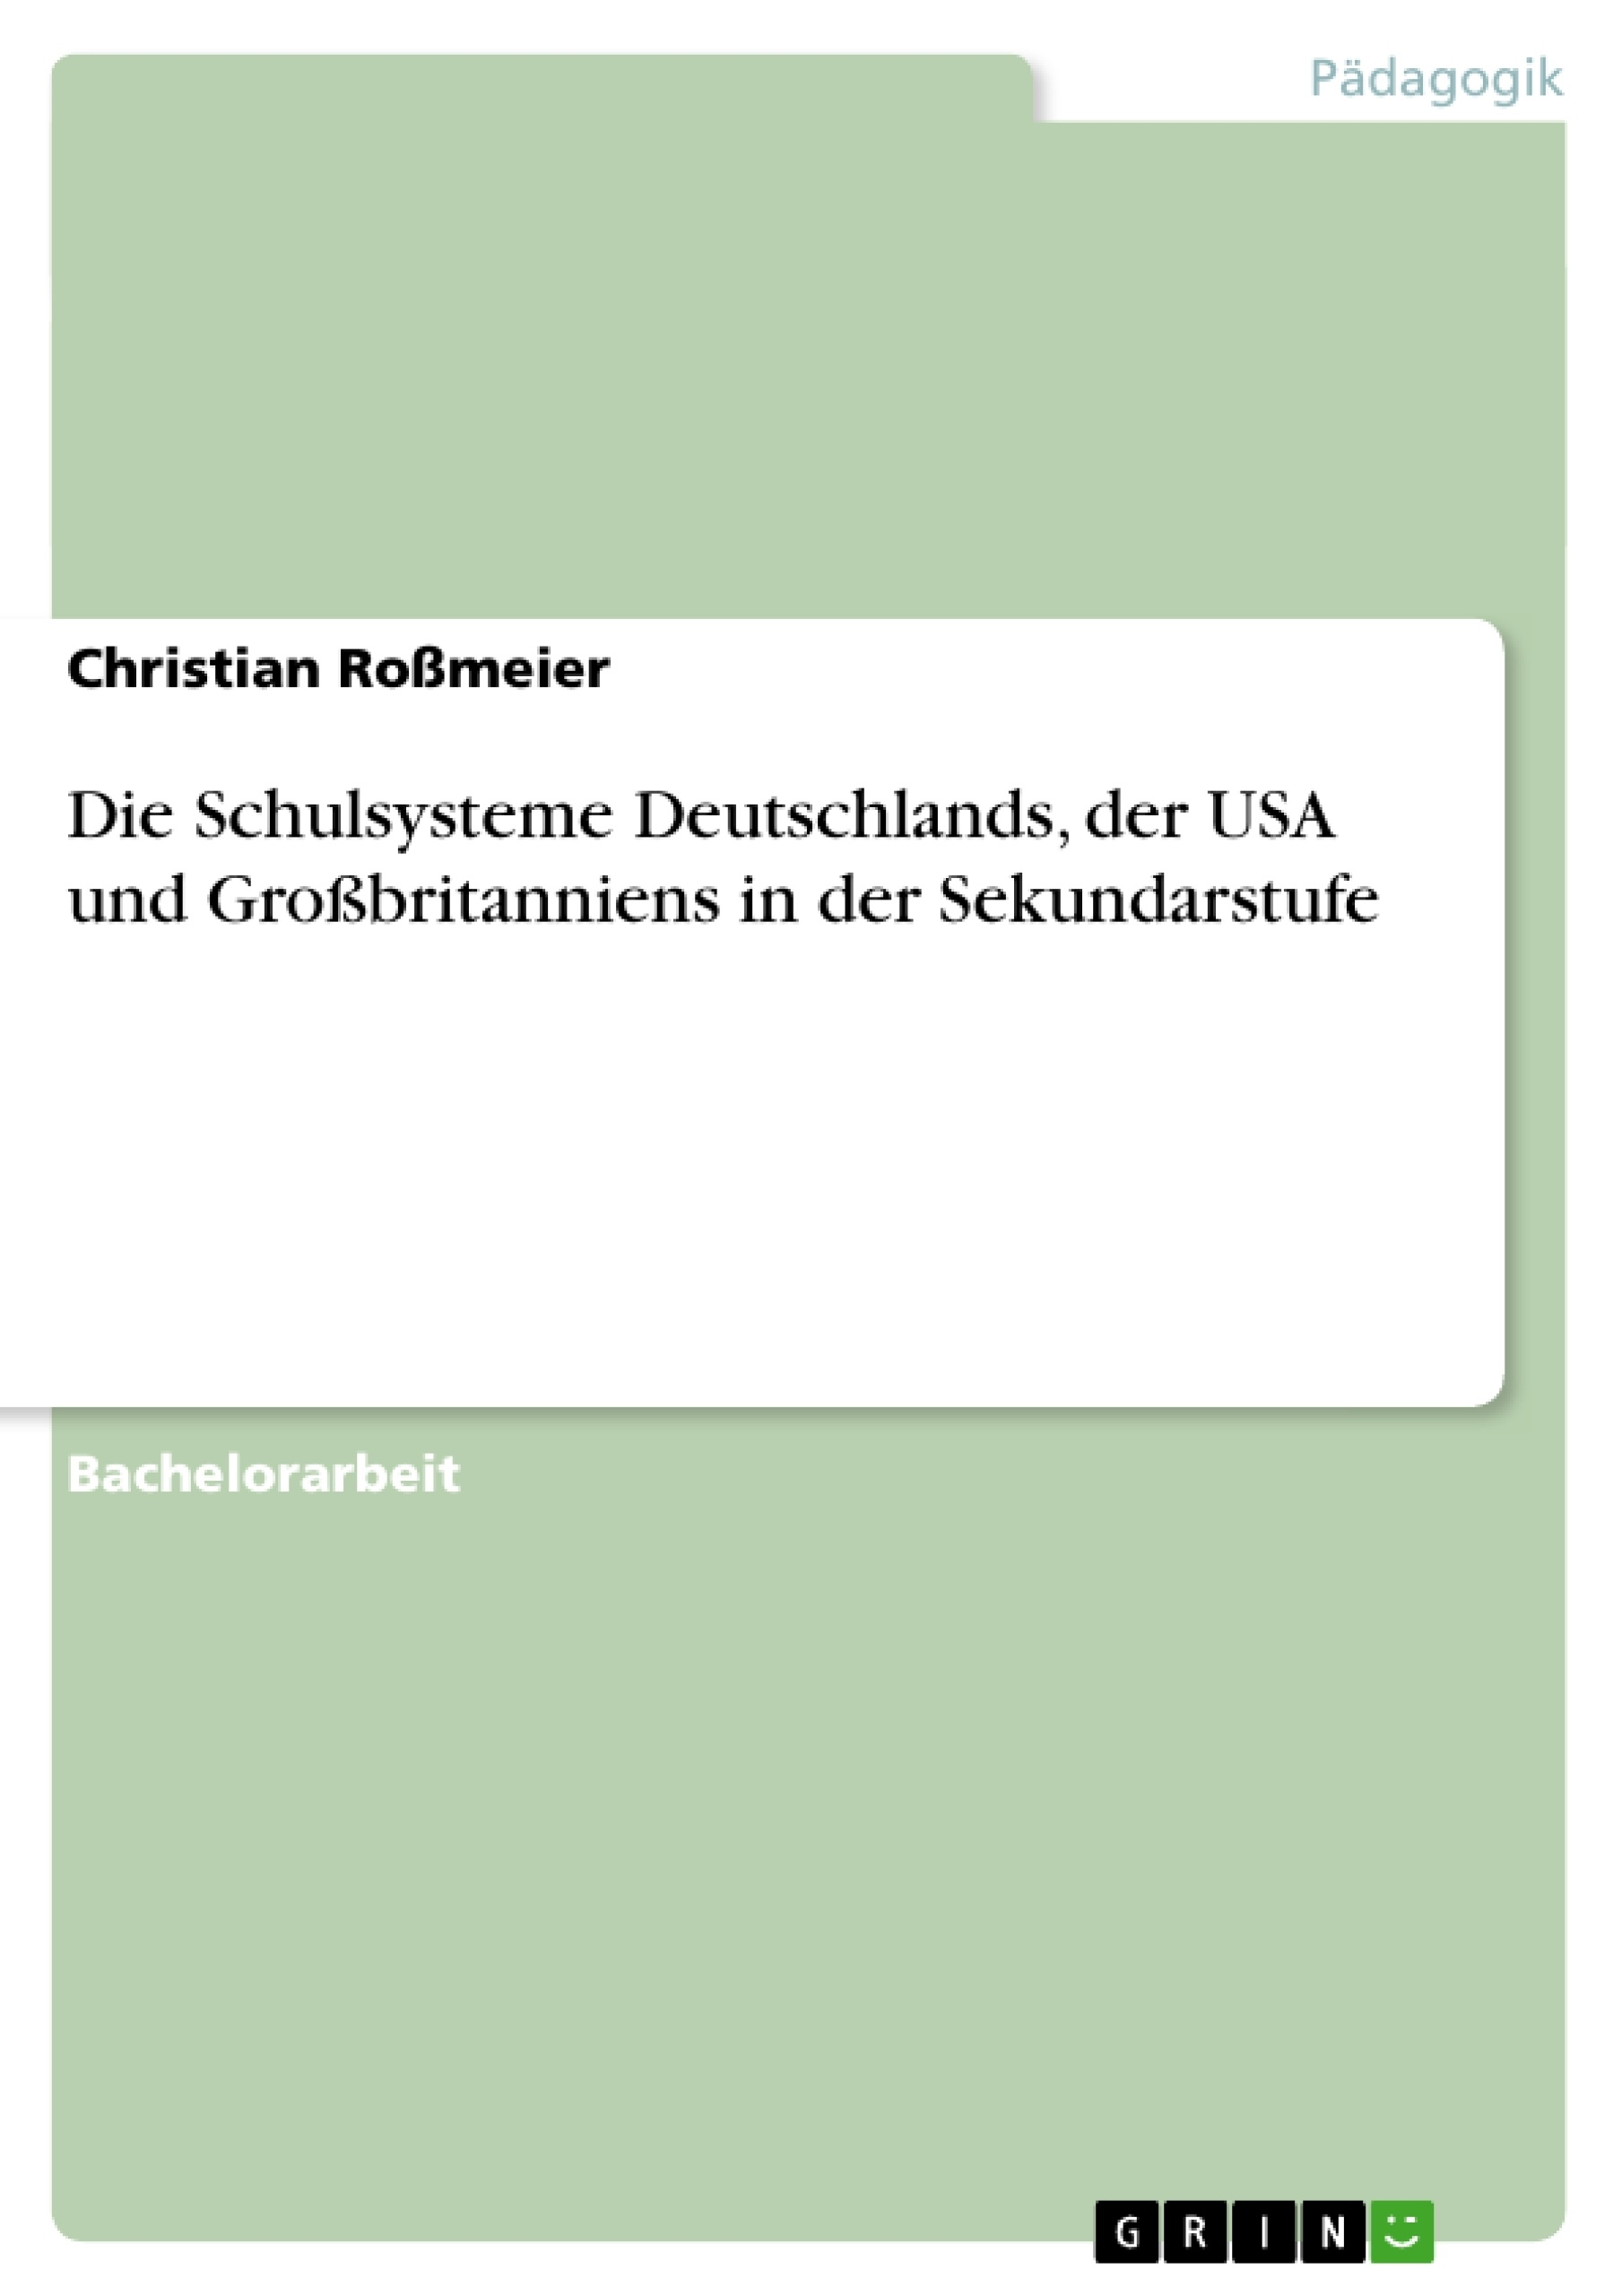 Titel: Die Schulsysteme Deutschlands, der USA und Großbritanniens in der Sekundarstufe